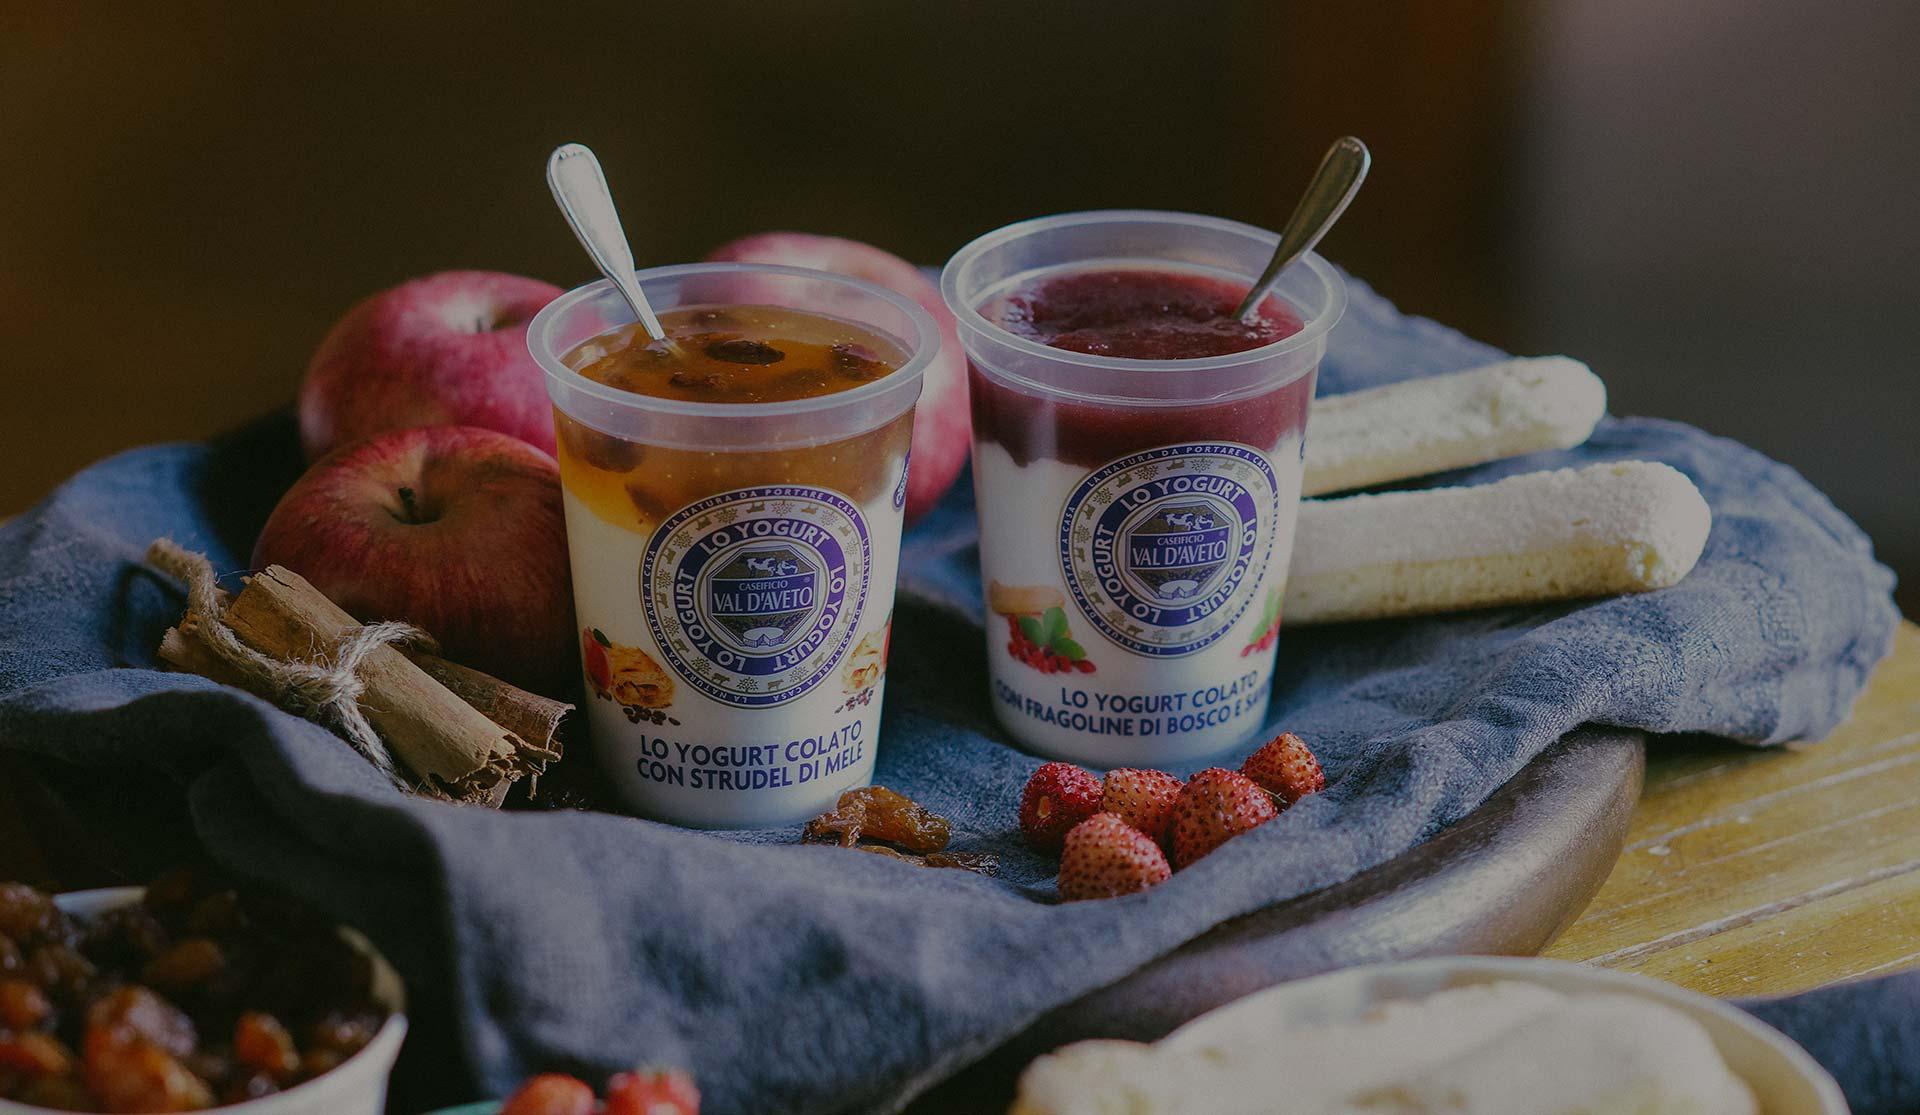 yogurt colato strudel di mele e fragoline e savoiardi